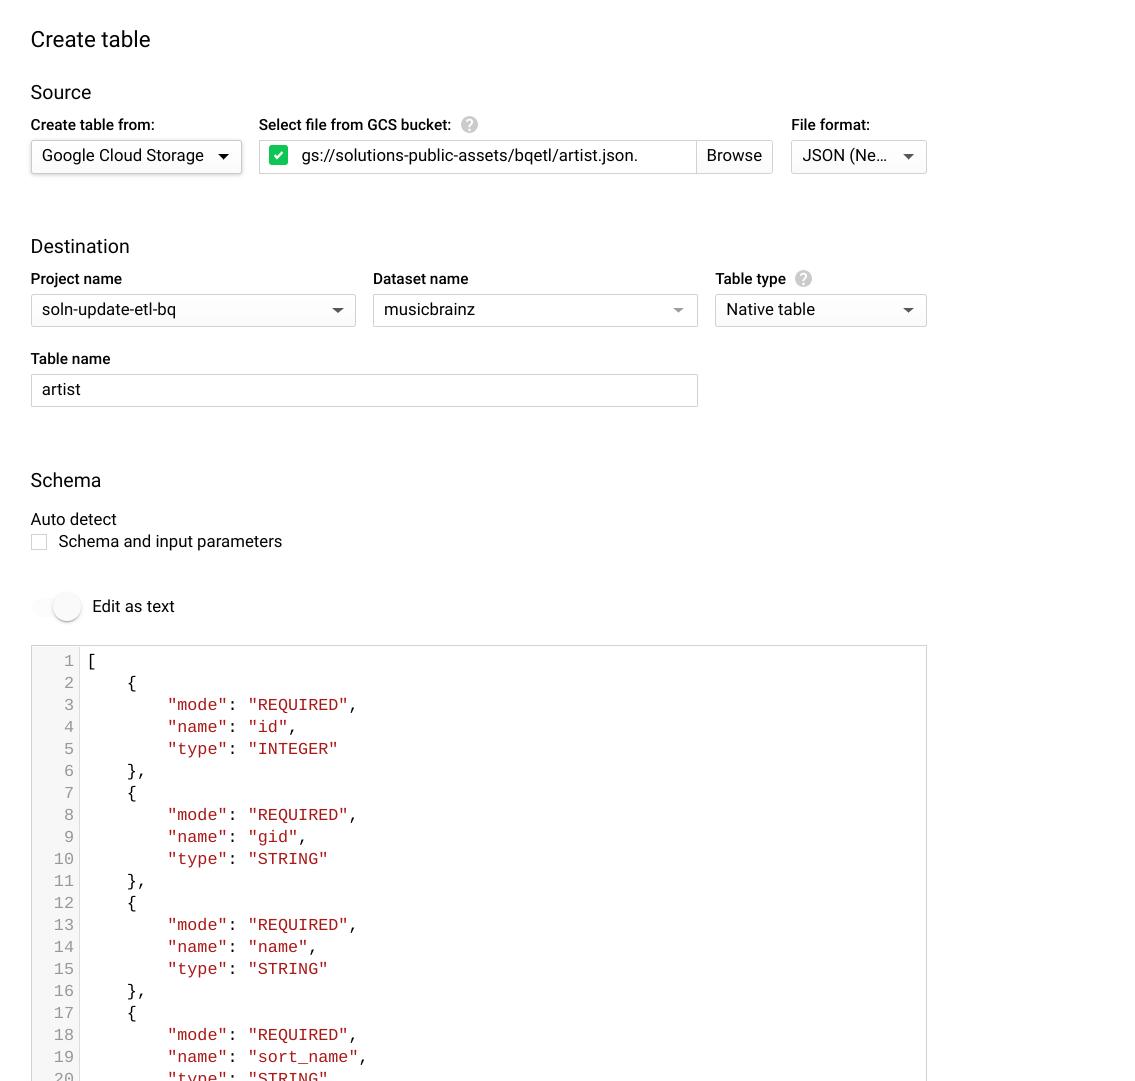 Boîte de dialogue de création de table avec le schéma mis à jour à partir du fichier JSON téléchargé.